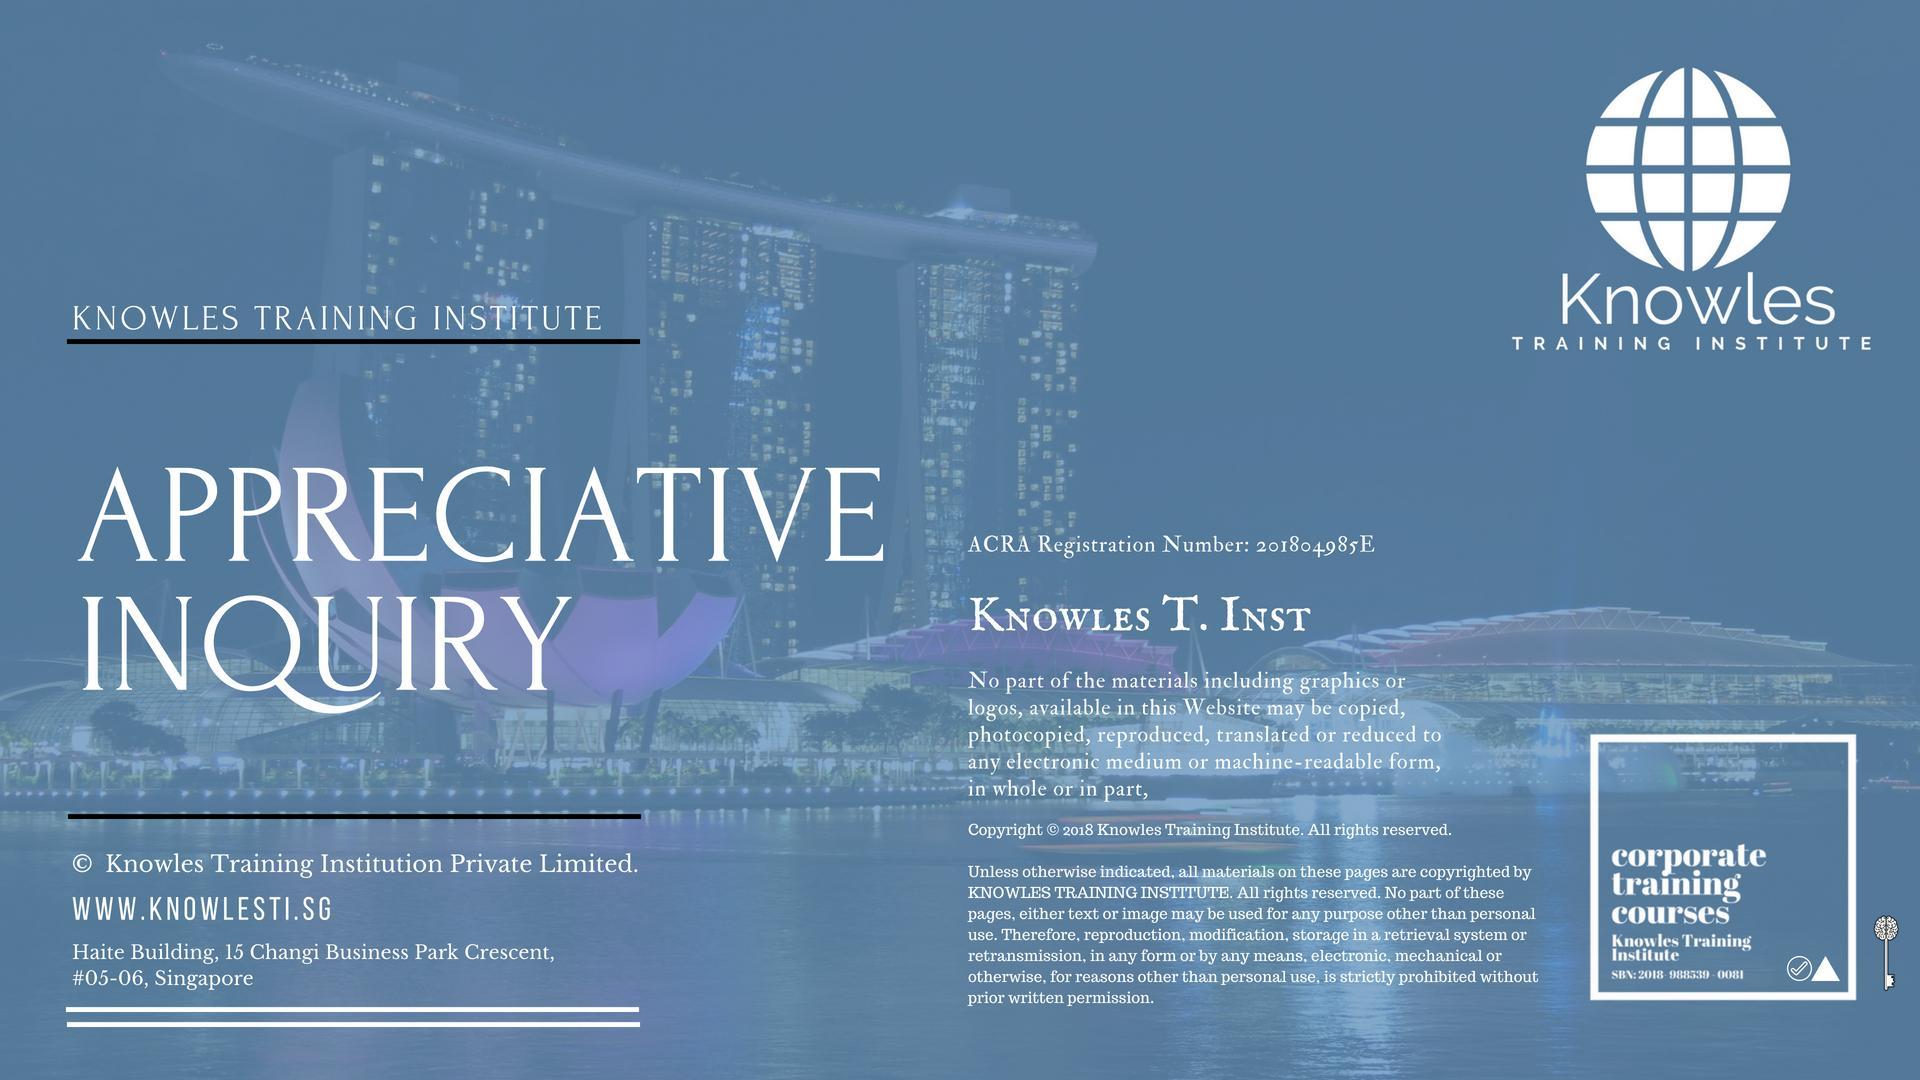 Appreciative Inquiry Course In Singapore